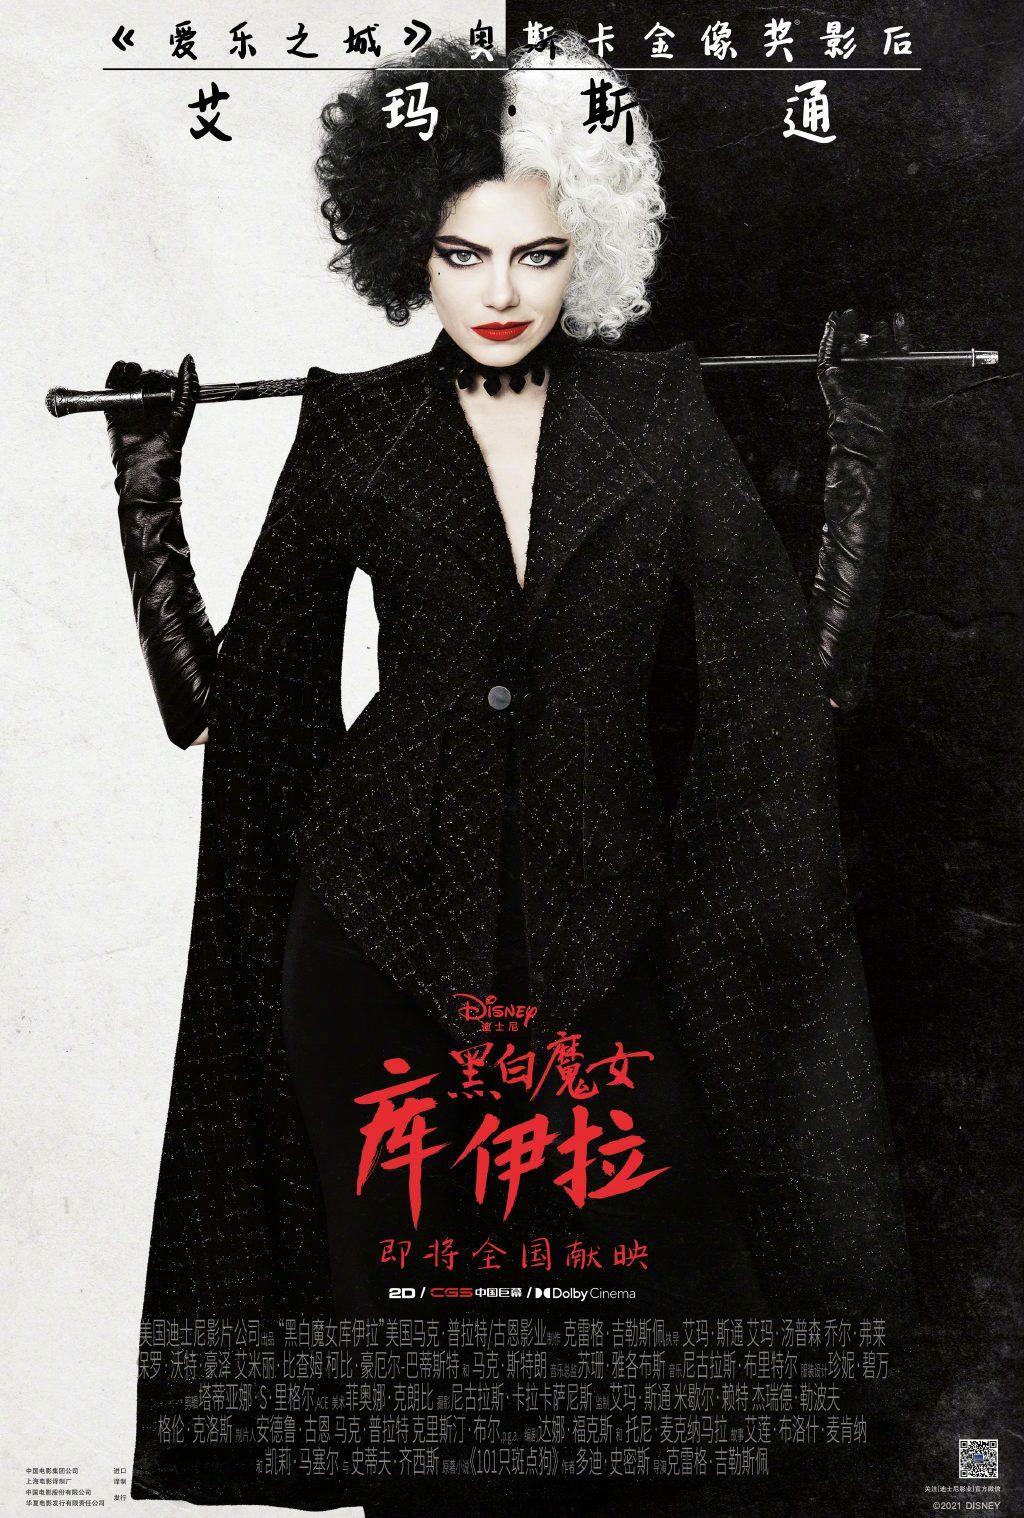 艾瑪·斯通主演迪士尼真人電影《黑白魔女庫伊拉》確認引進